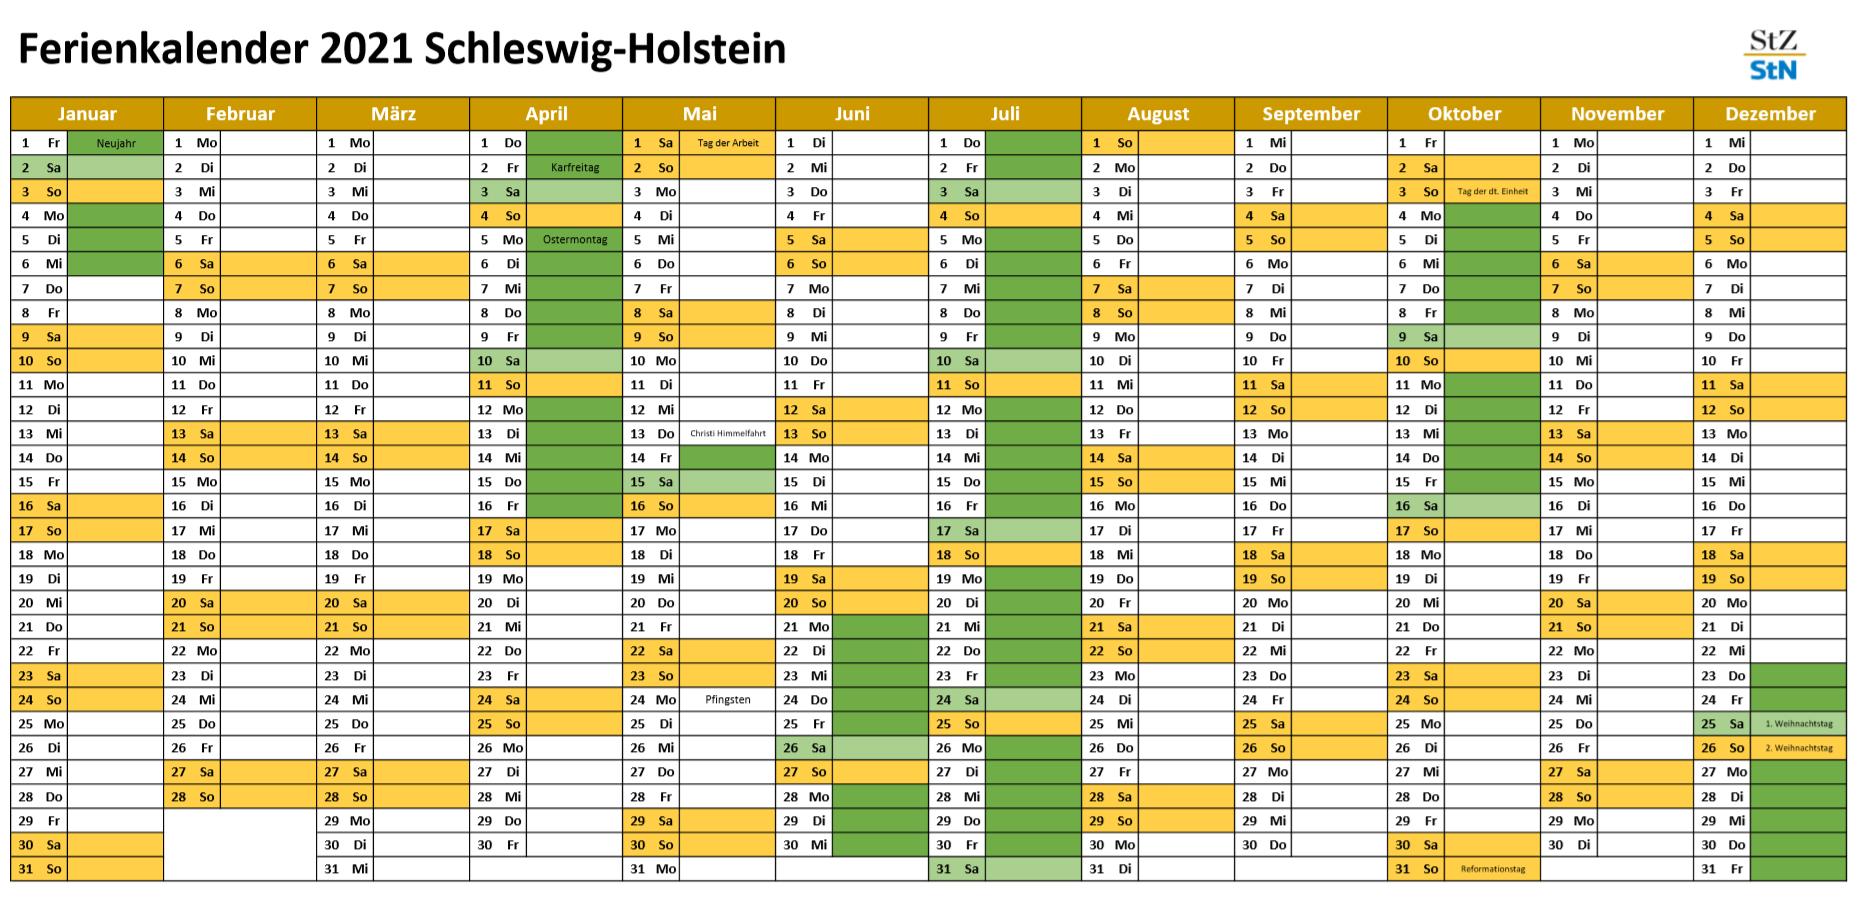 Ferien in Schleswig-Holstein 2021: Kalender und Übersicht